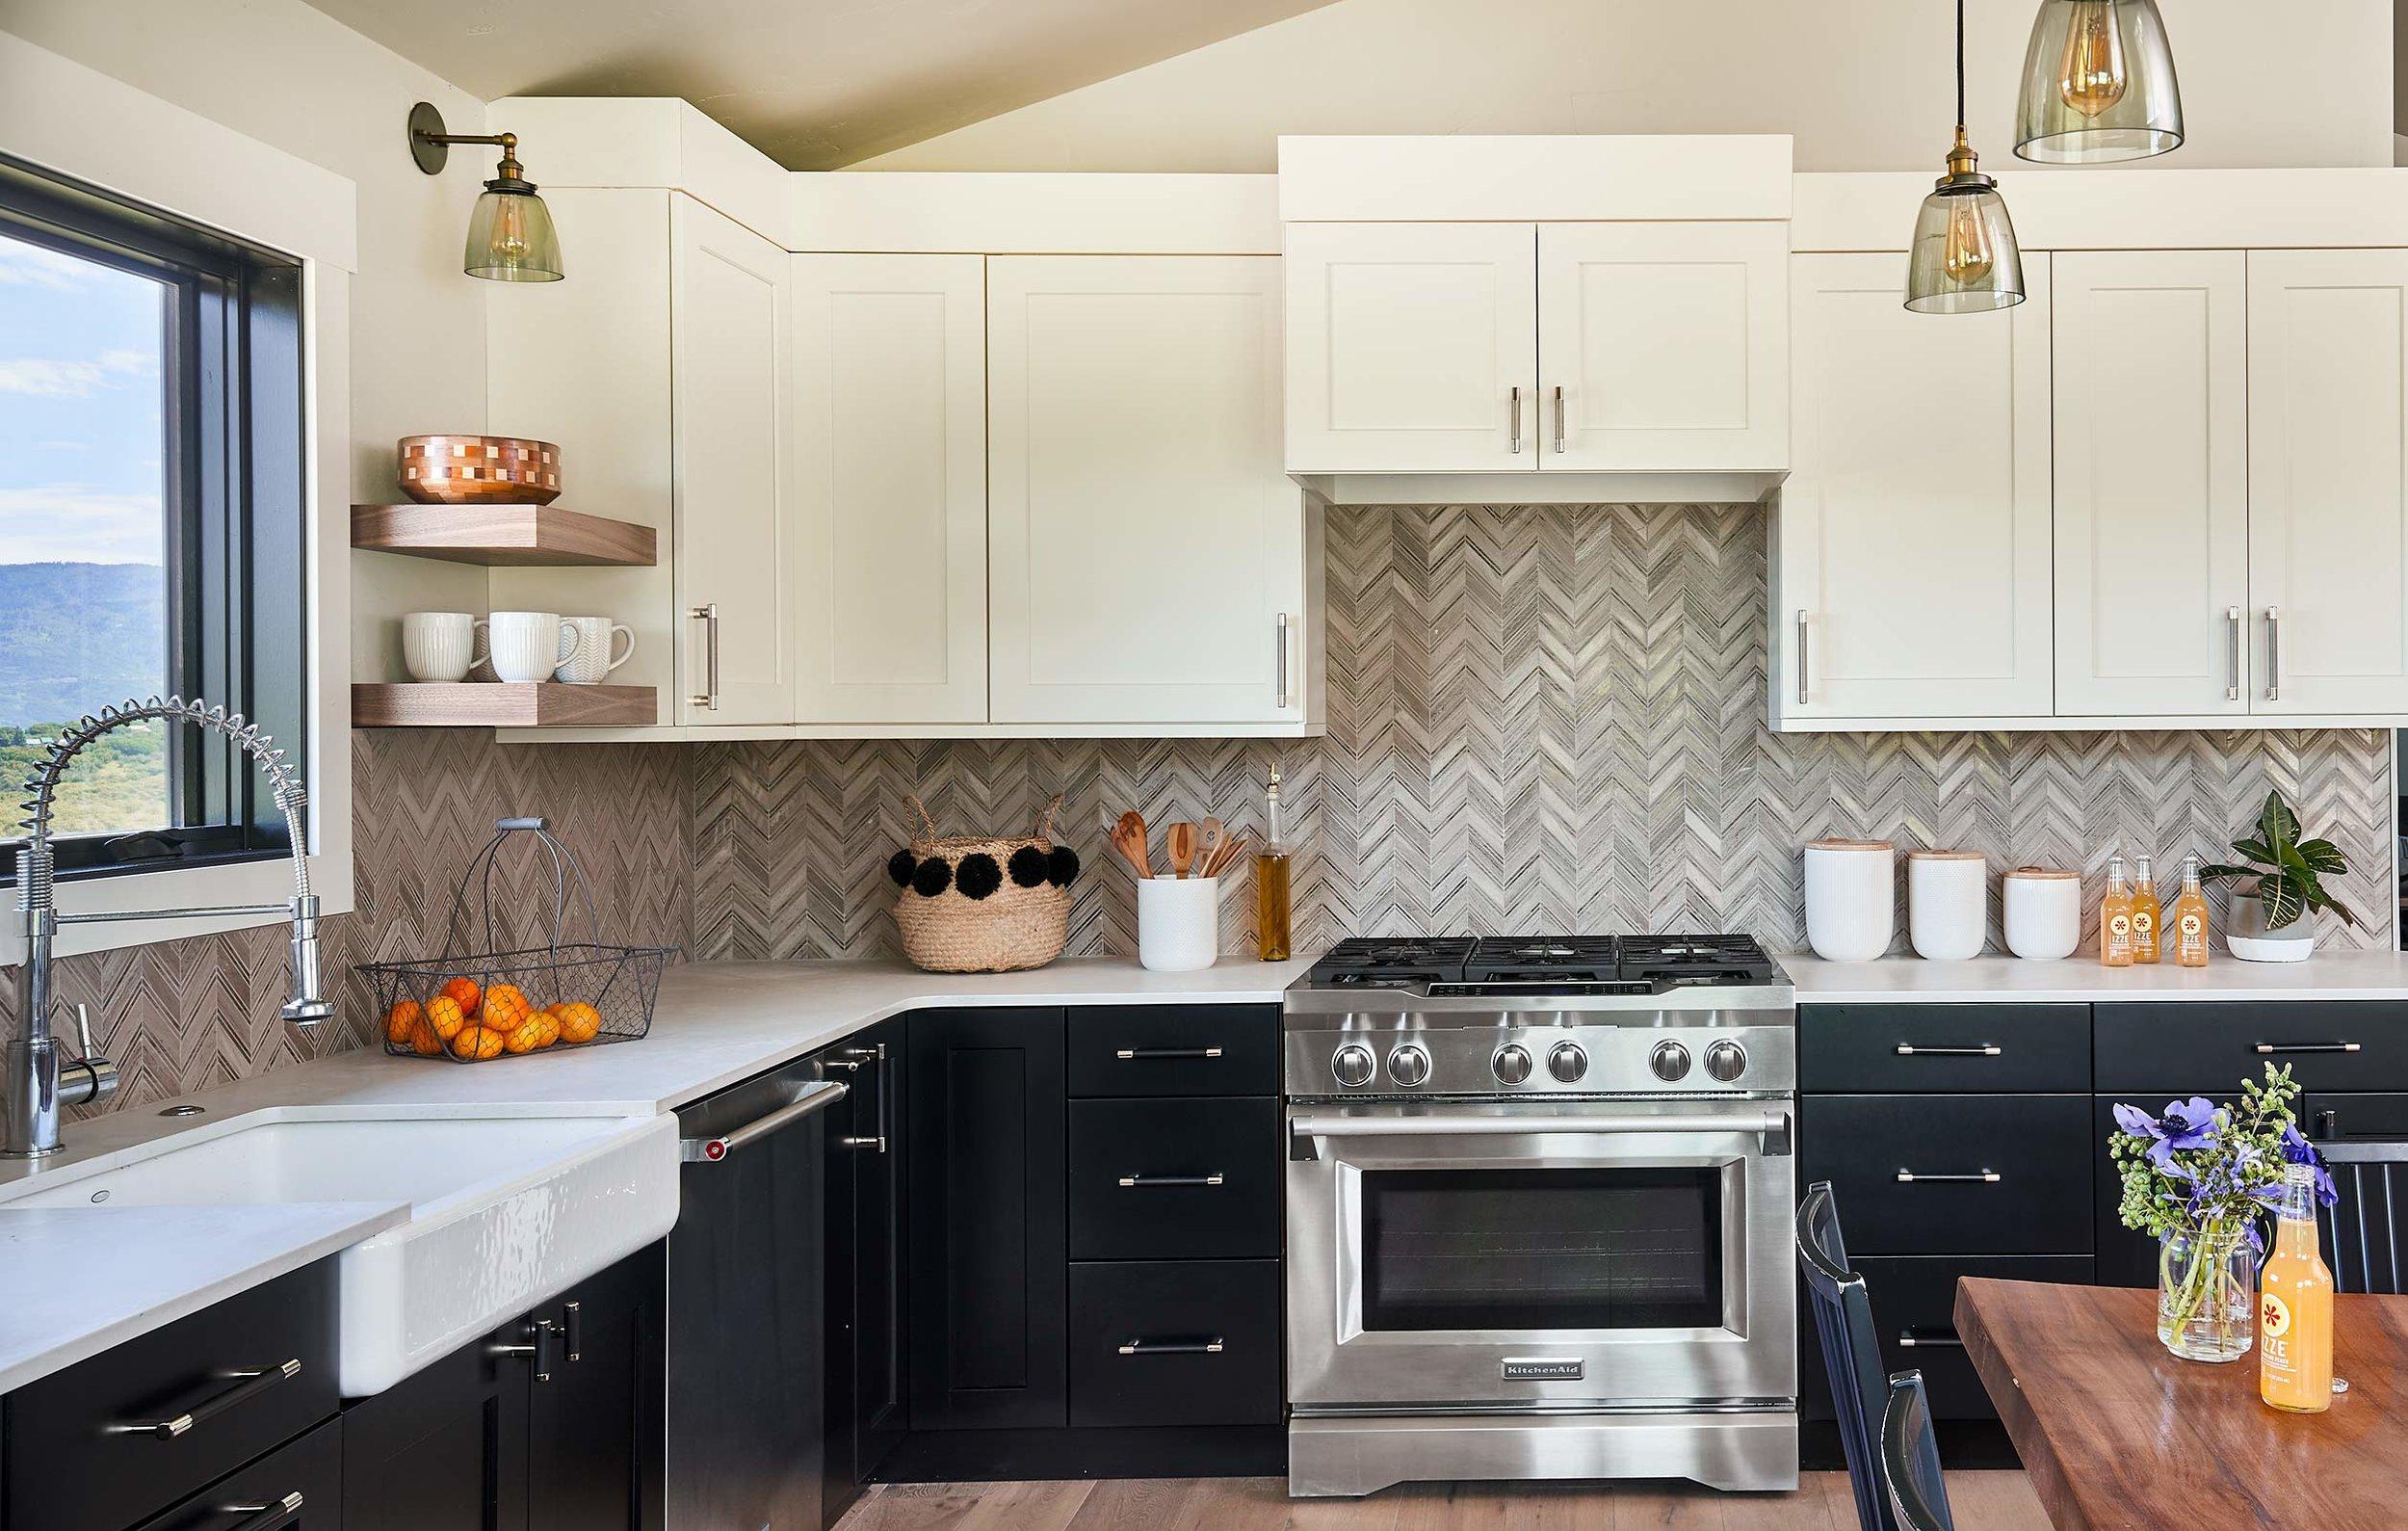 Rumors-Cassie-Interiors-07-12-19-Kitchen-Web.jpg